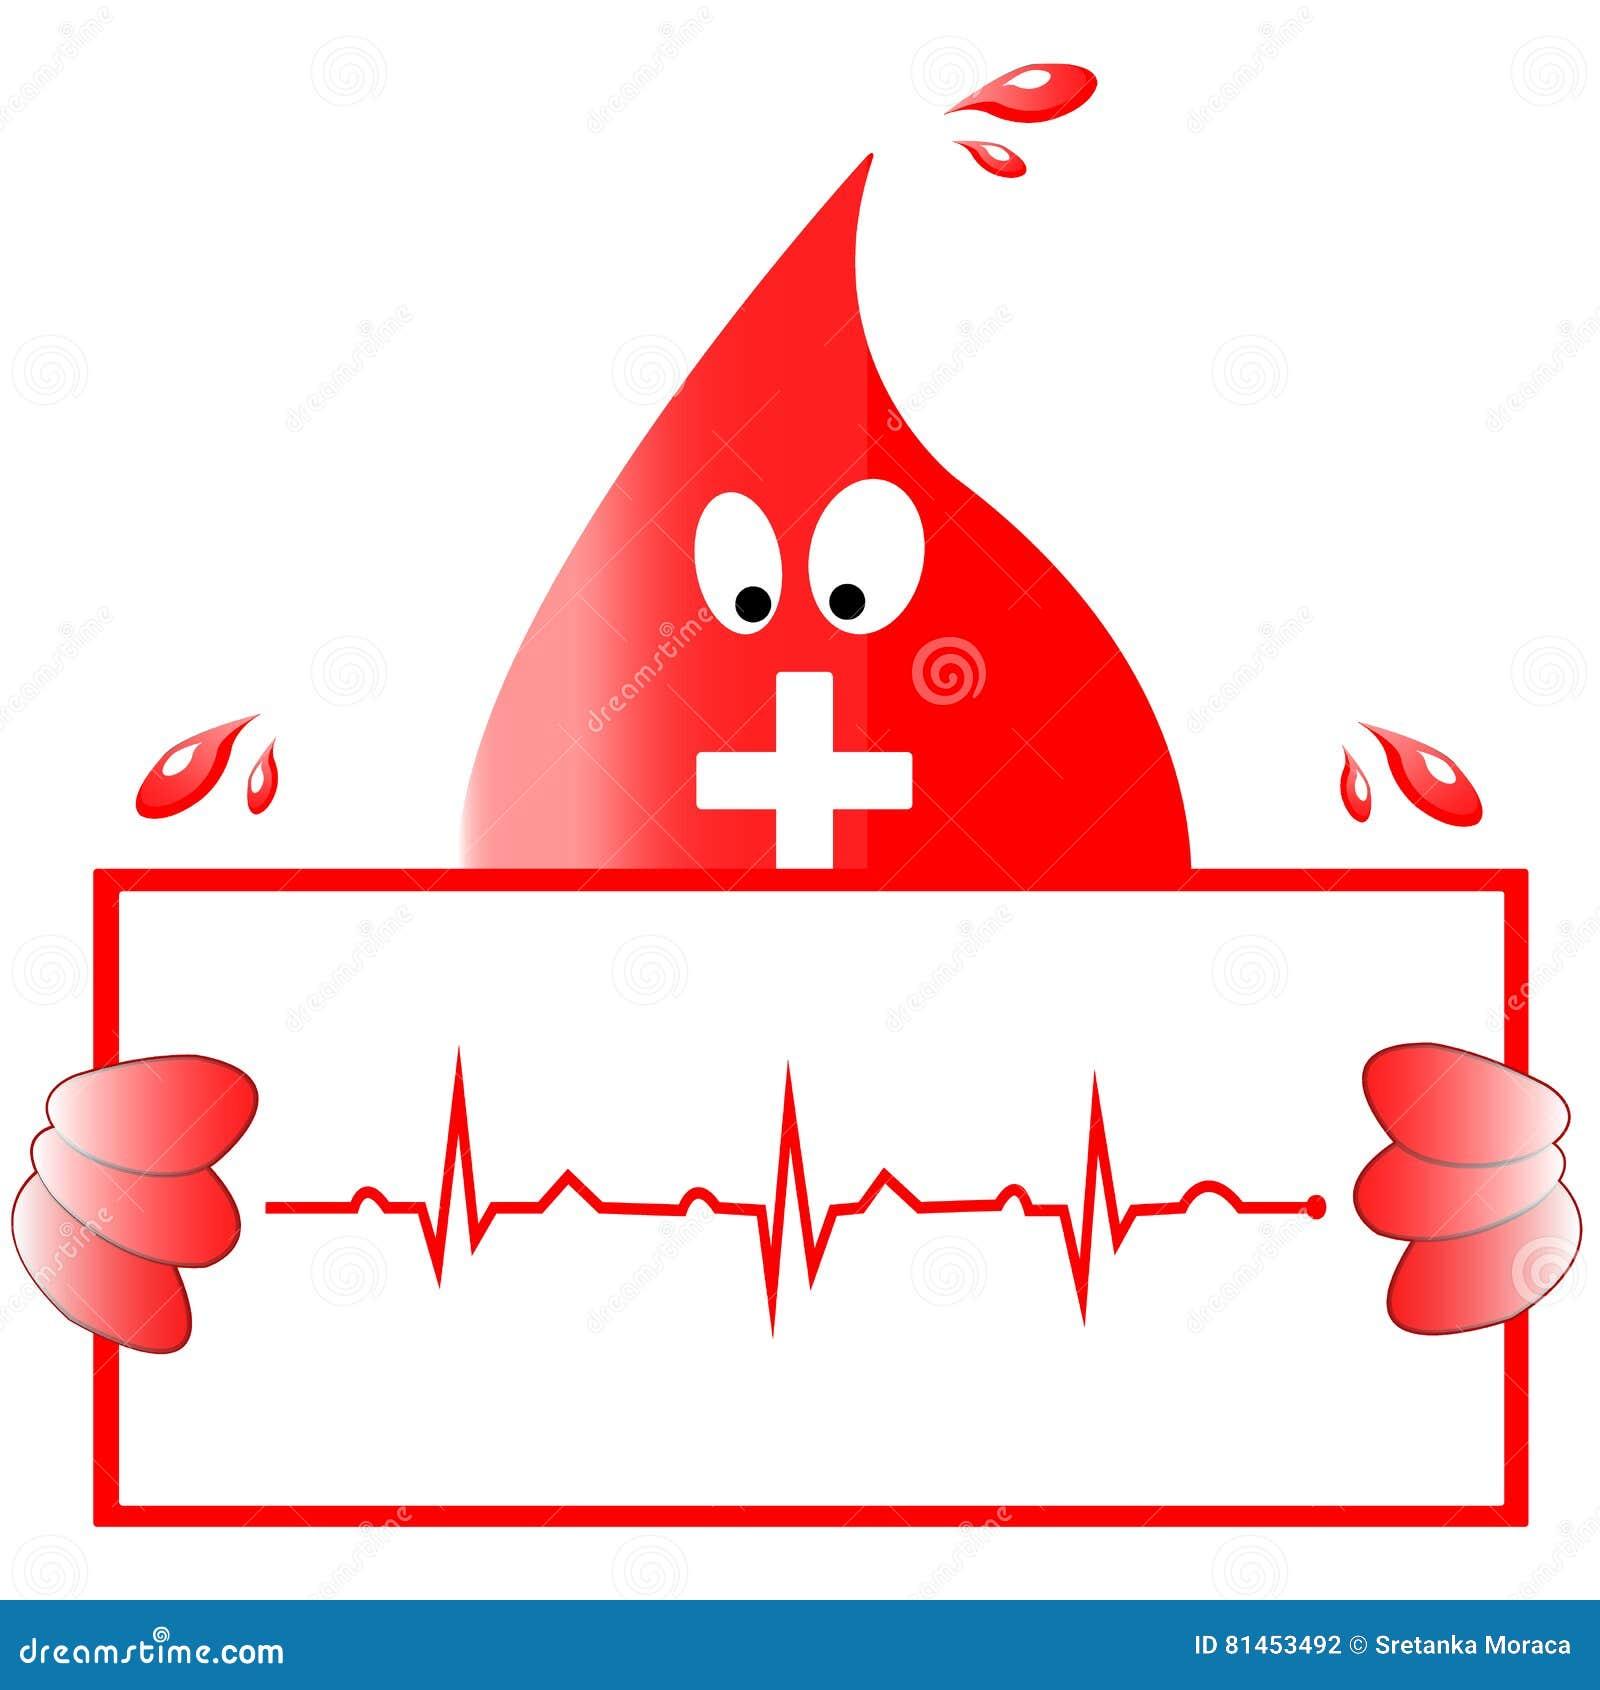 Blood Donation Vector Concept - Hospital To Begin New Life Again. Heart rhythm ekg. Vector